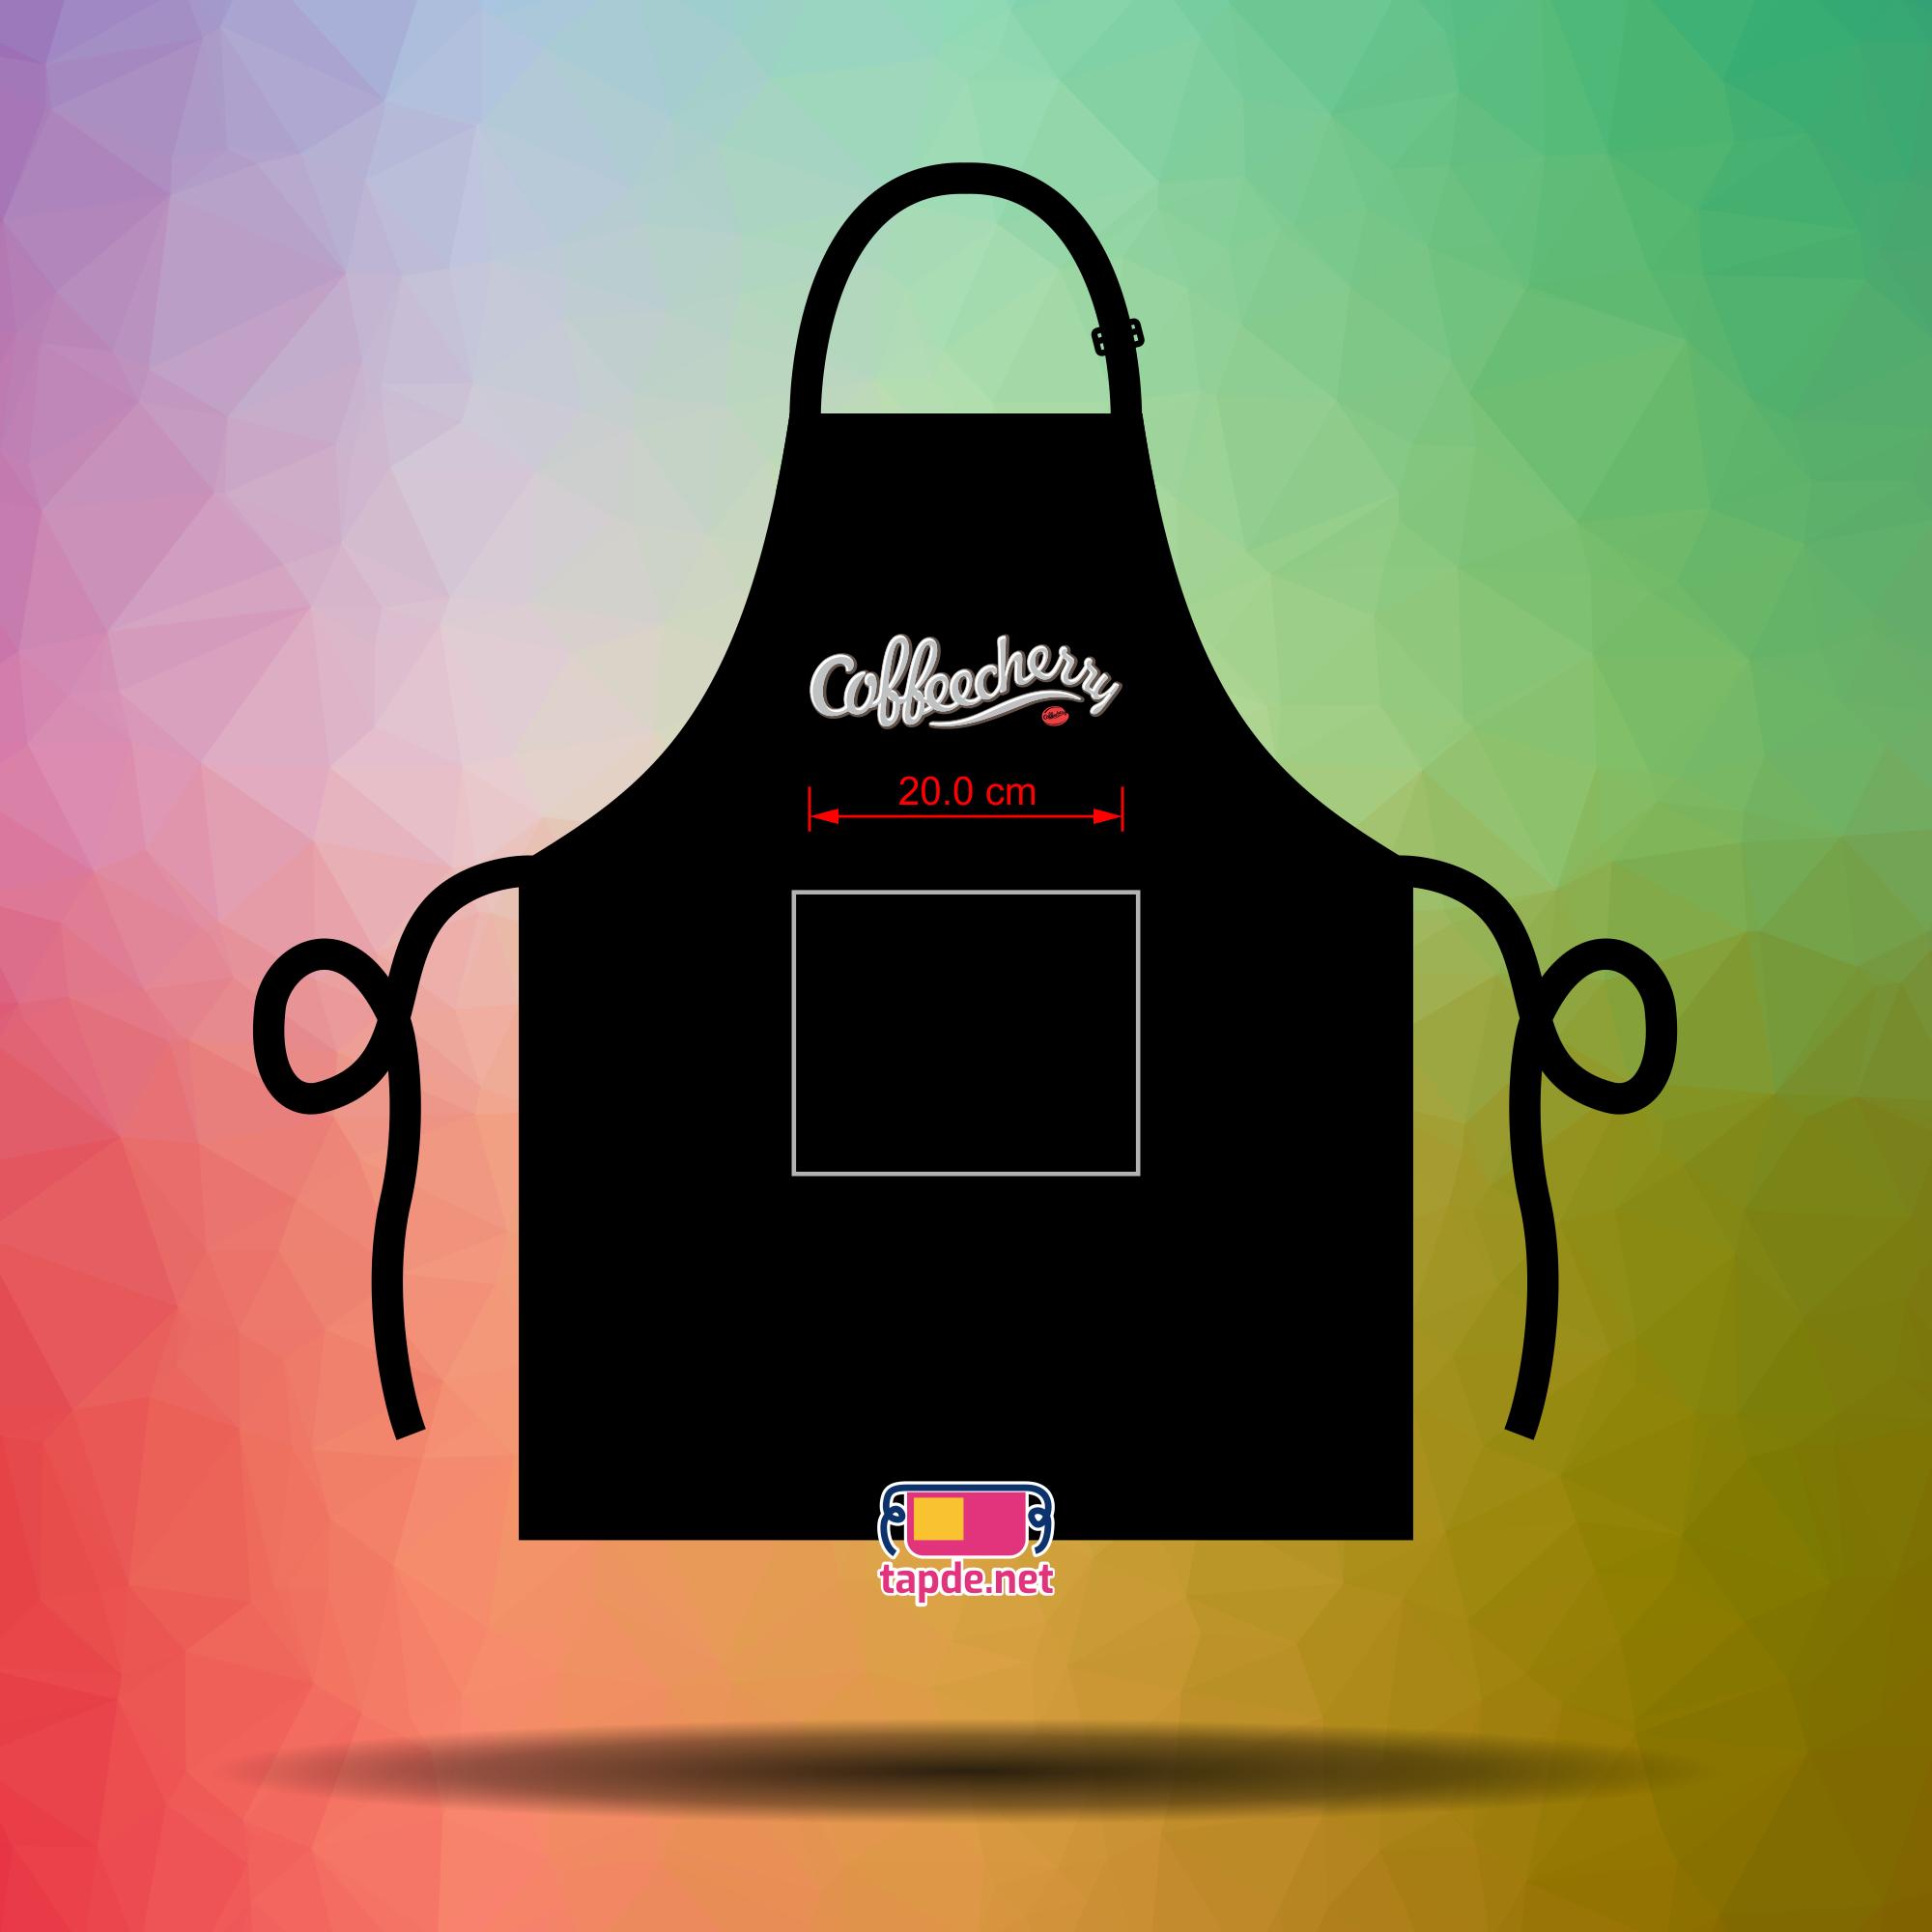 May tạp dề đồng phục nhân viên giá rẻ và đẹp cho quán Coffee Cherry tại Quận 1